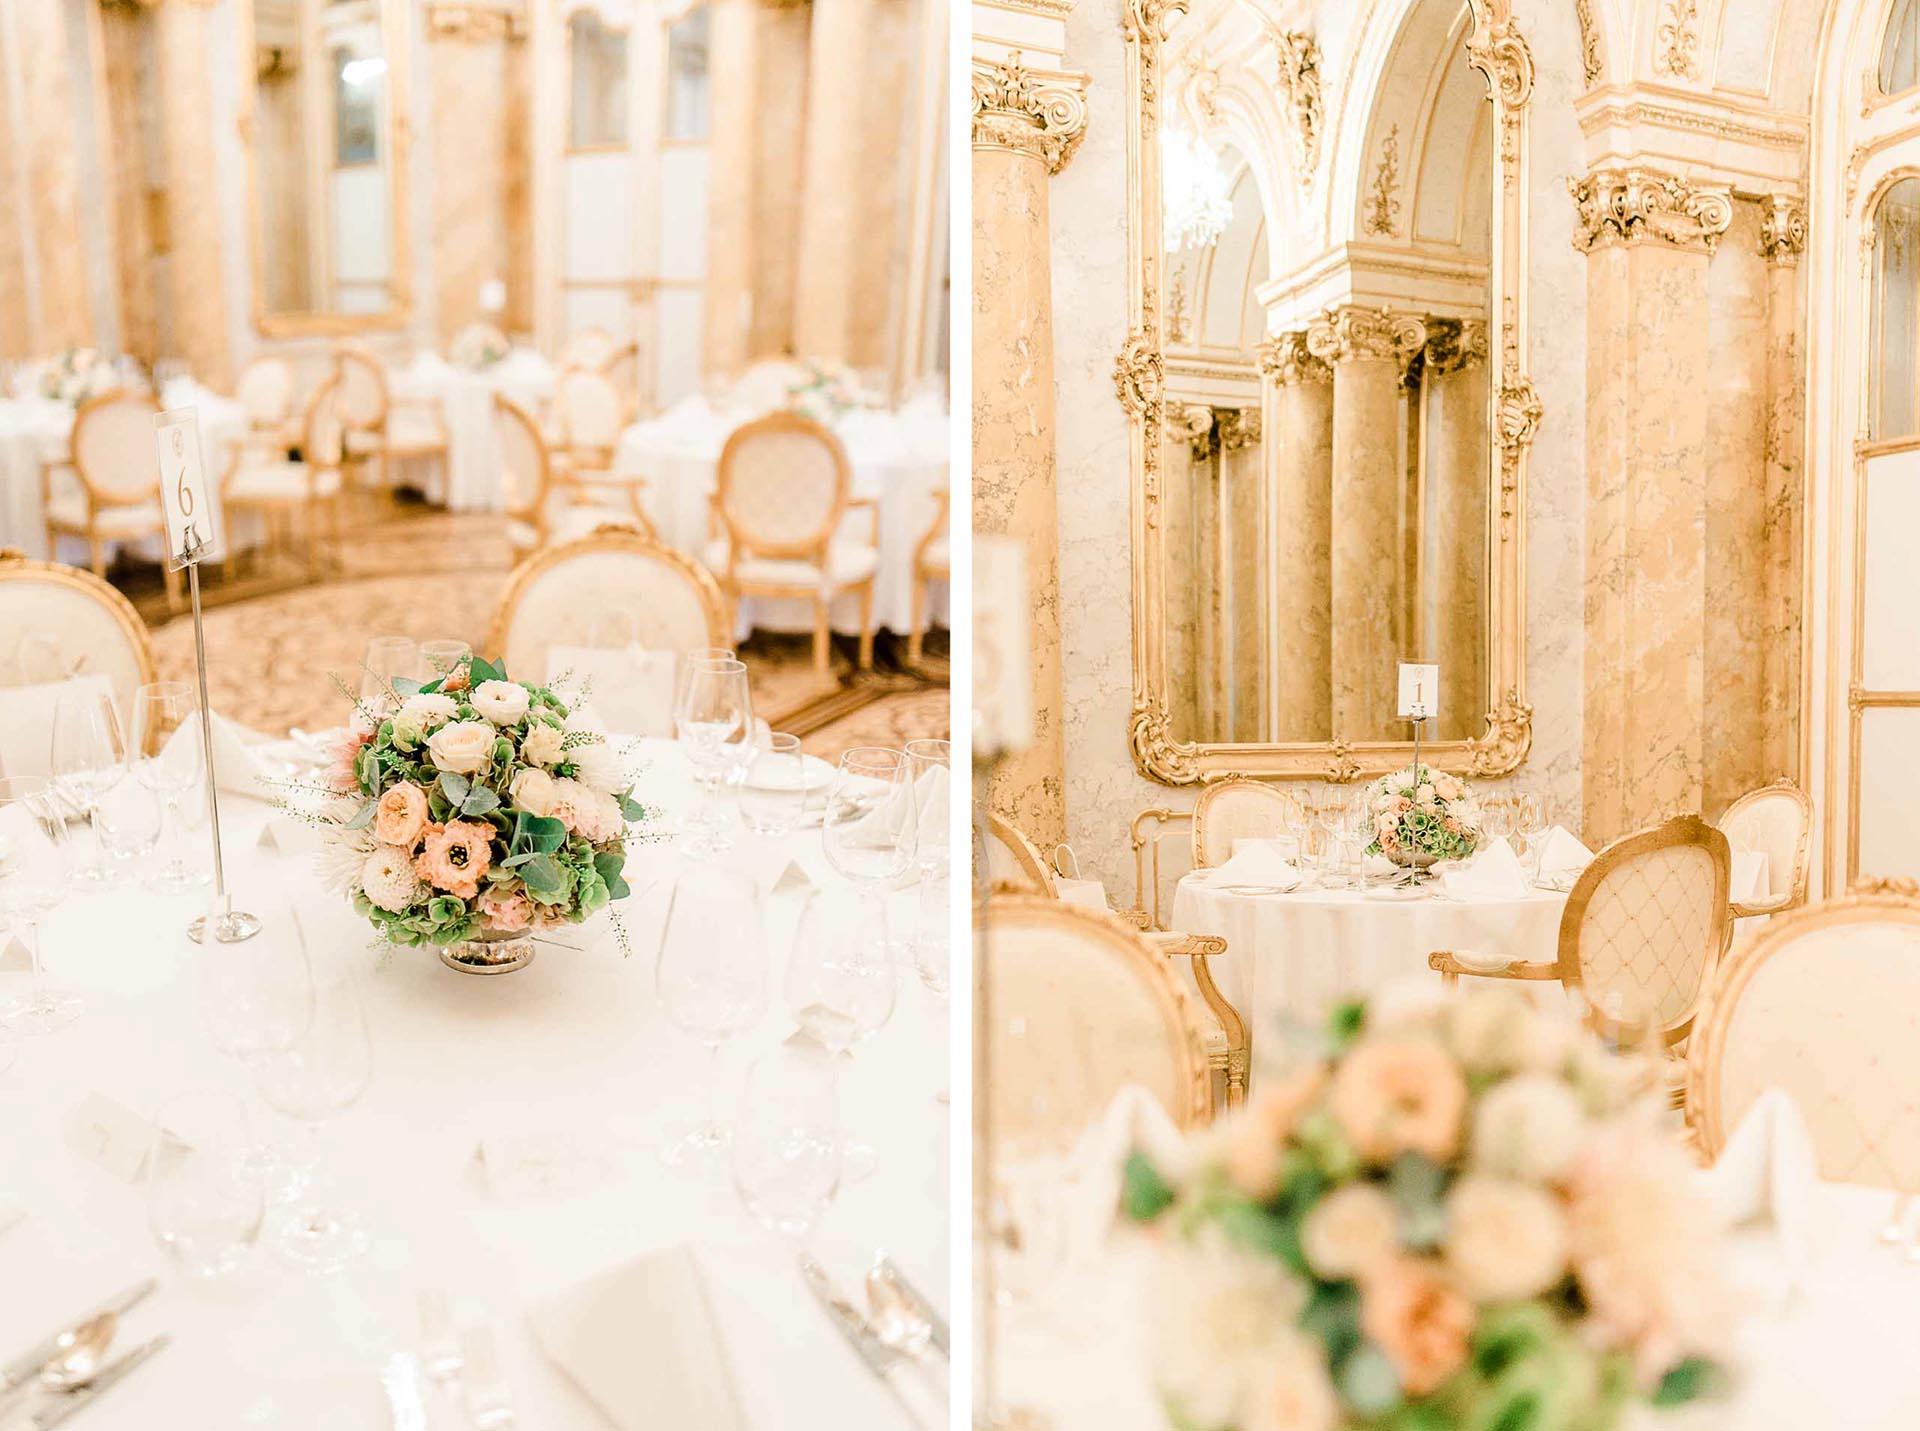 Heiraten Palais Coburg Hochzeit Hochzeitsfotos japanisch - österreichische Hochzeit gelber Saal